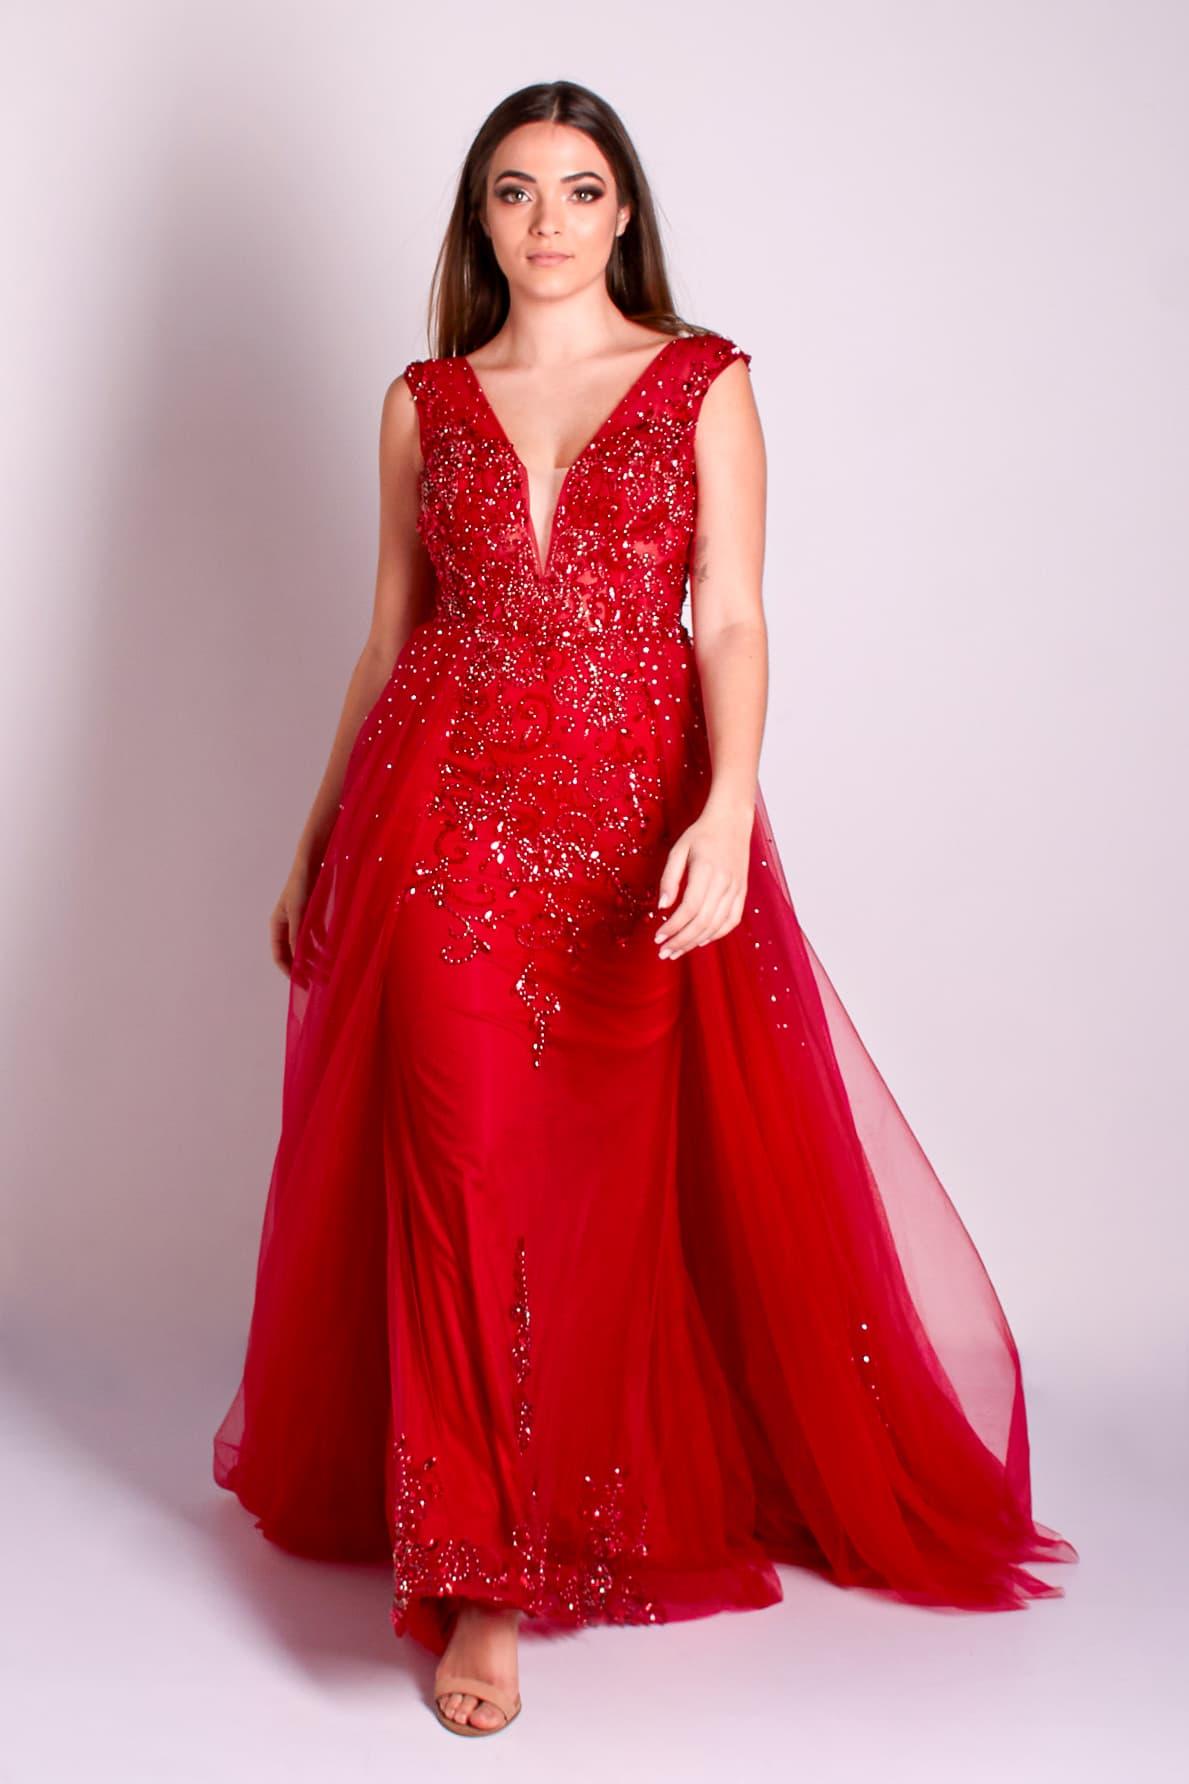 30 - vestido vermelho bordado com sobressaia e cristais